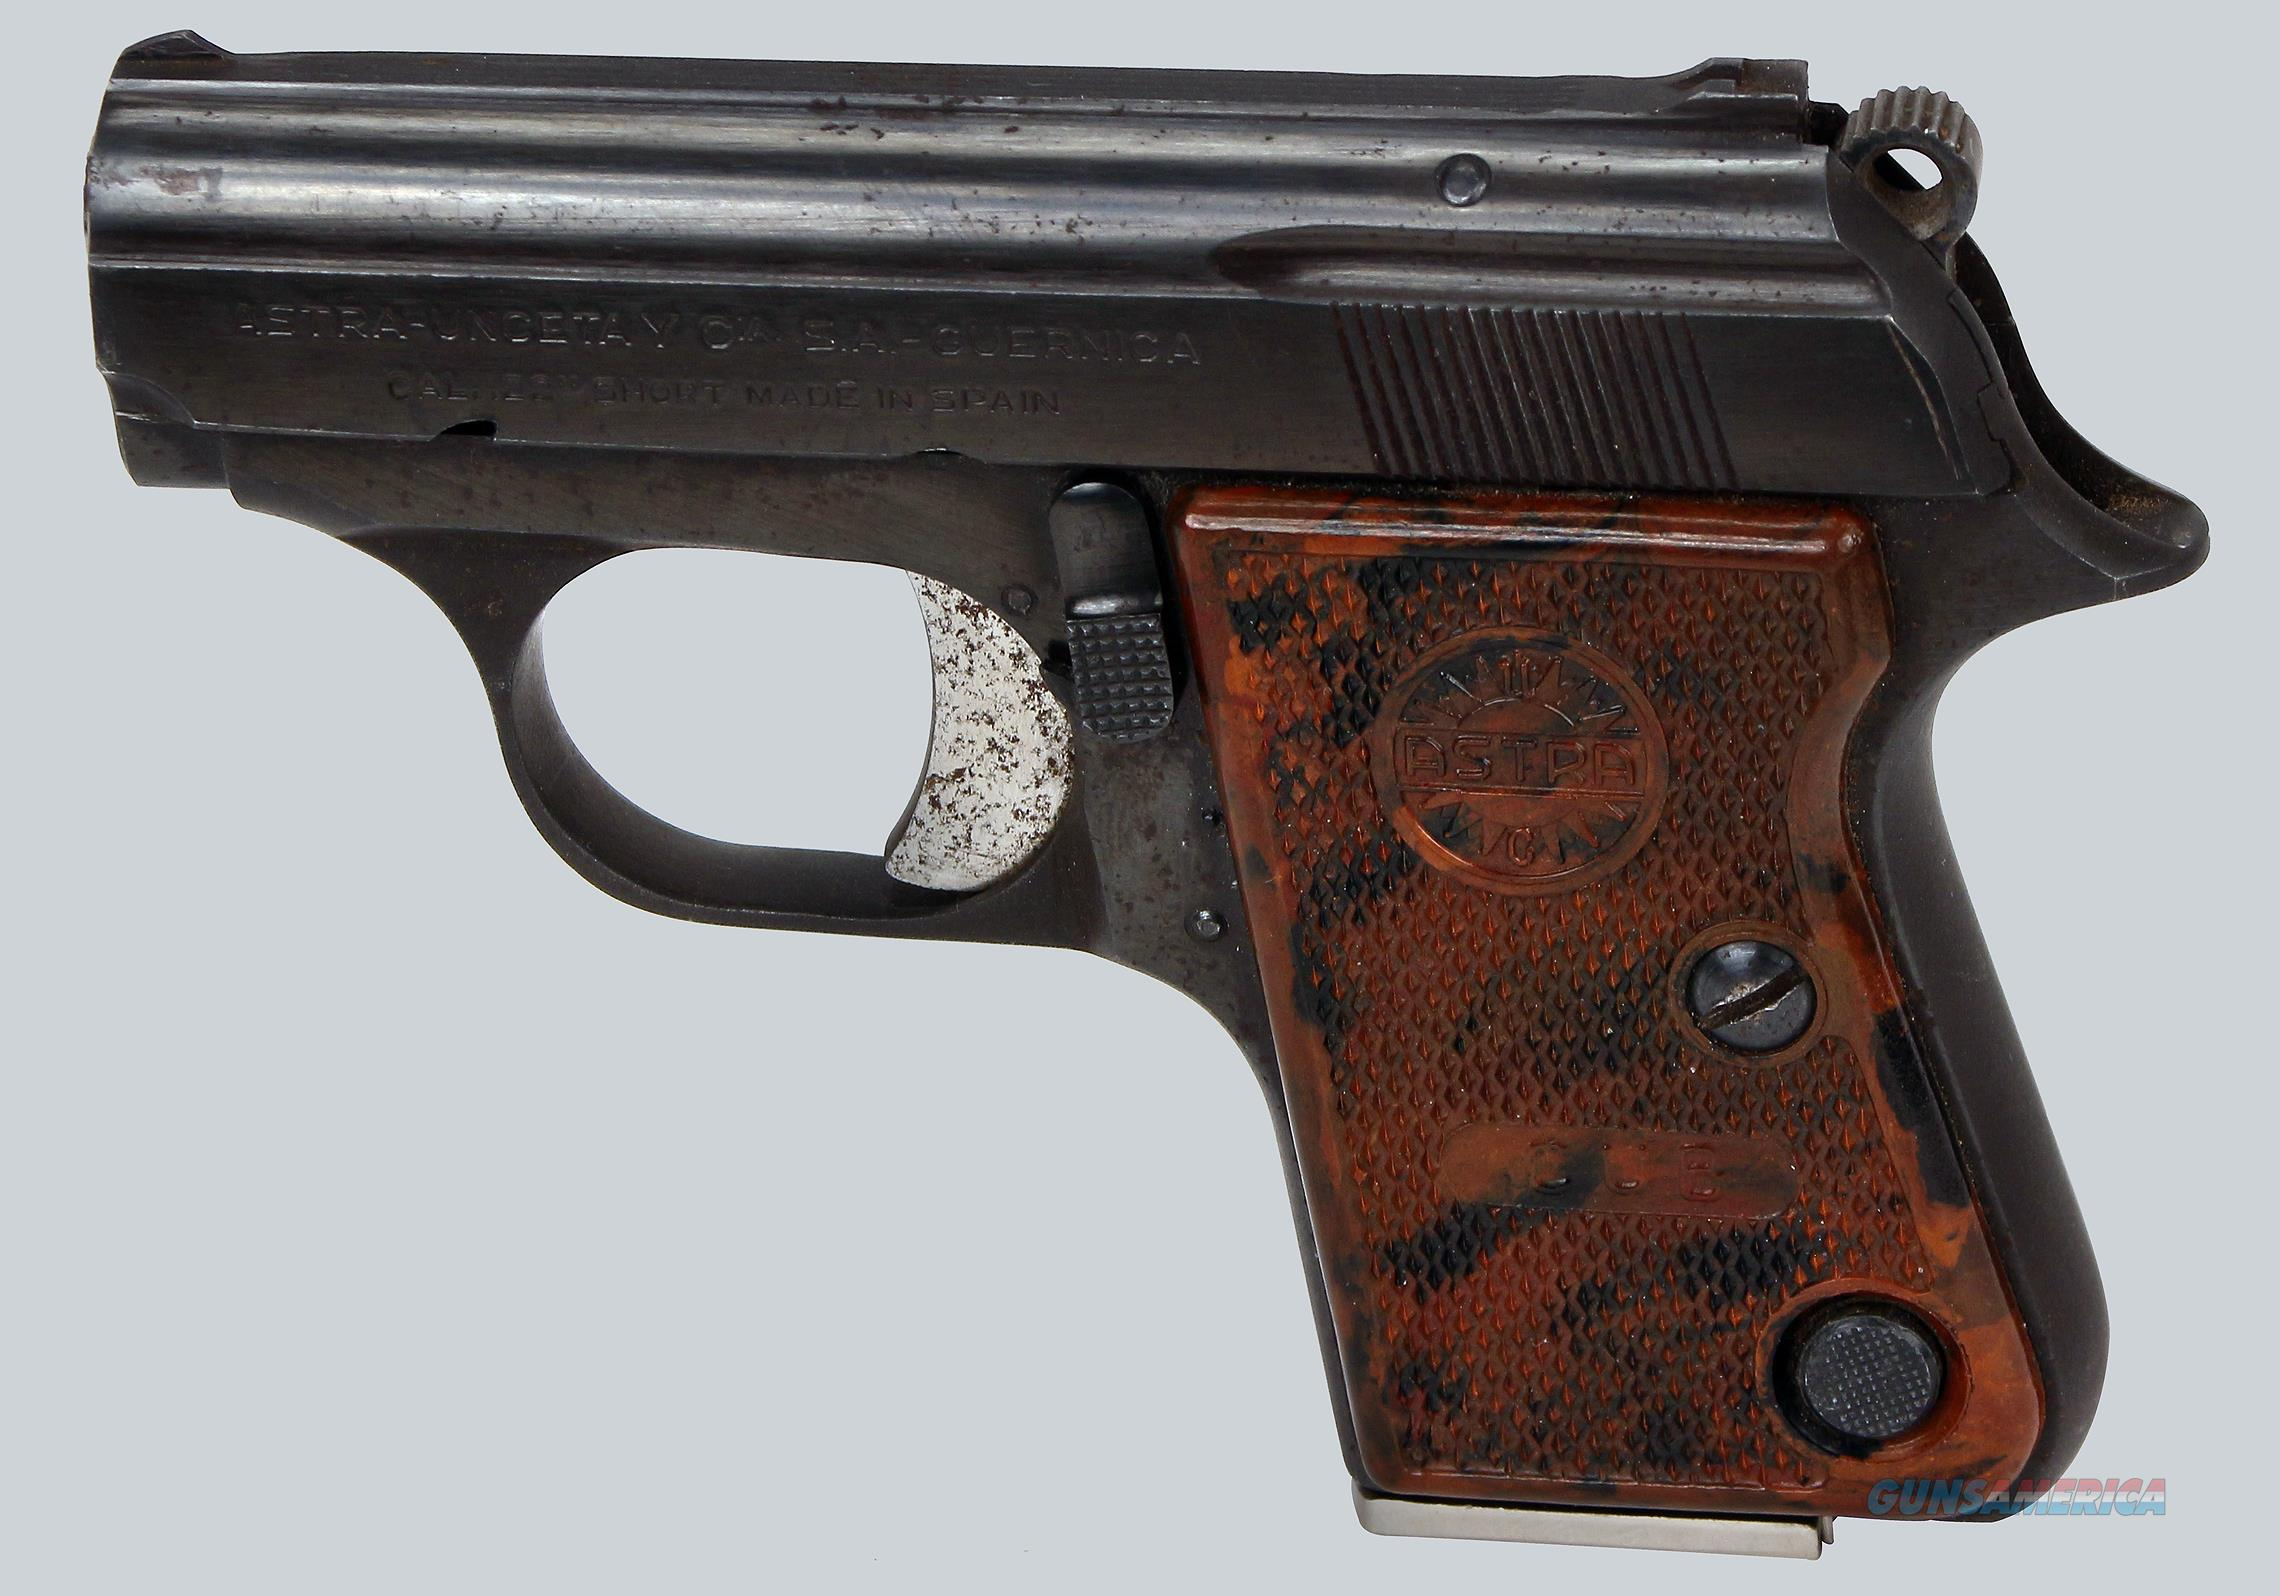 ASTRA Cub 22 Short Cal Pistol  Guns > Pistols > Astra Pistols